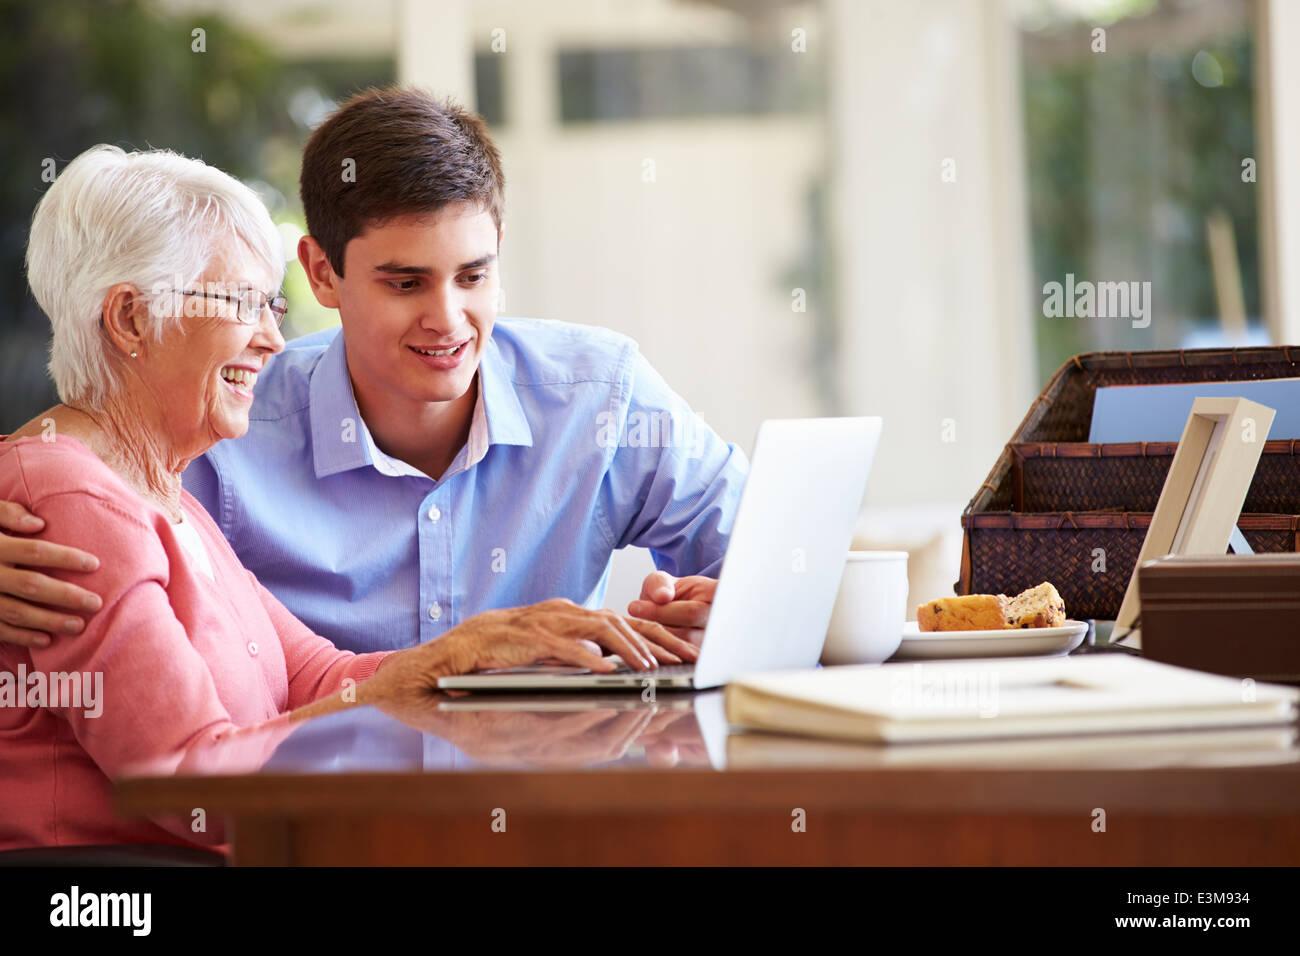 Petit-fils d'Adolescent aider grand-mère avec portable Photo Stock